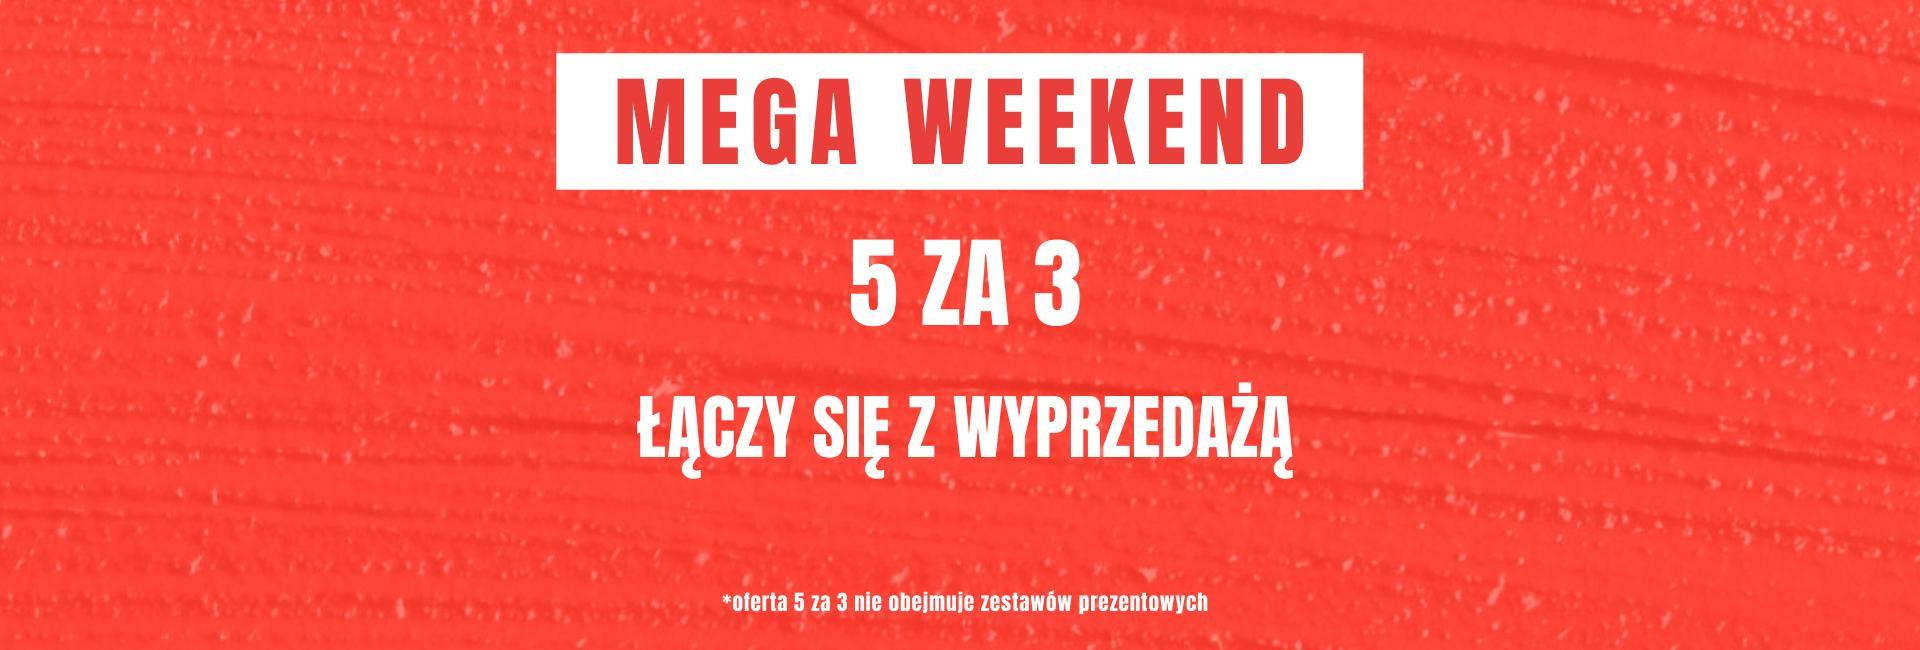 The Body Shop The Body Shop: Mega Weekend 5 kosmetyków w cenie 3